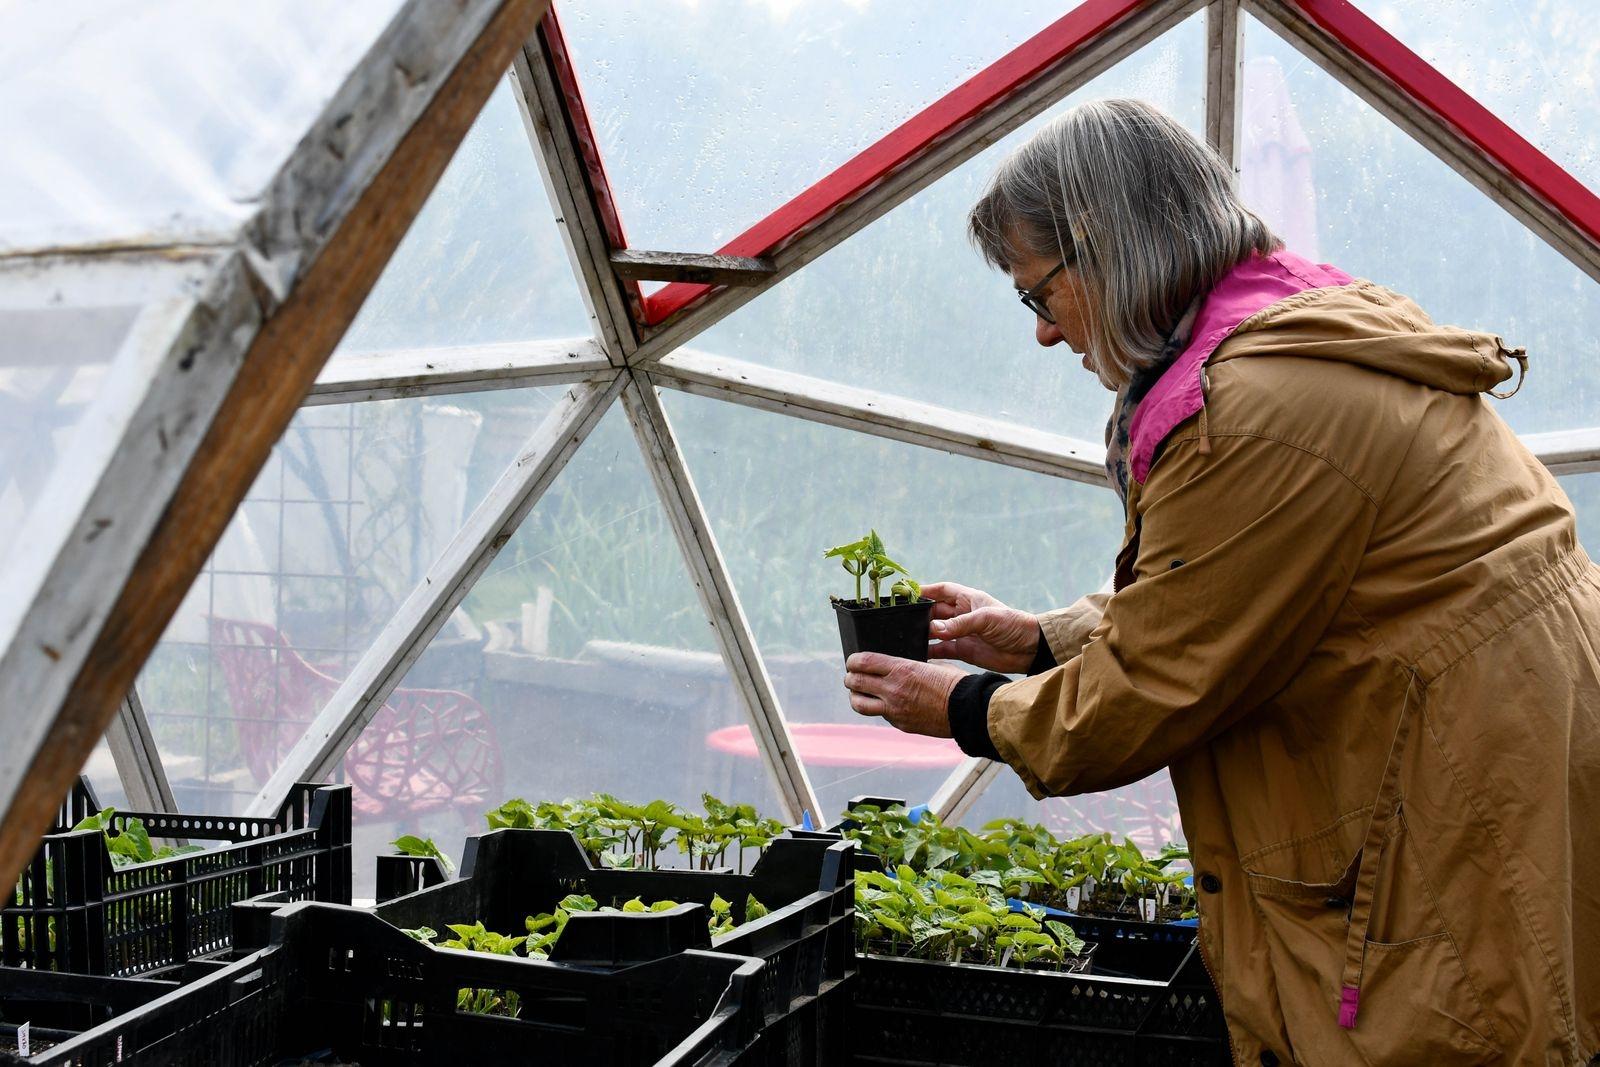 Det står redan en mindre dome i köksträdgården där Jette drivit fram bön- och ärtplantor. När de flyttar ut kommer chili och paprika att flytta in.